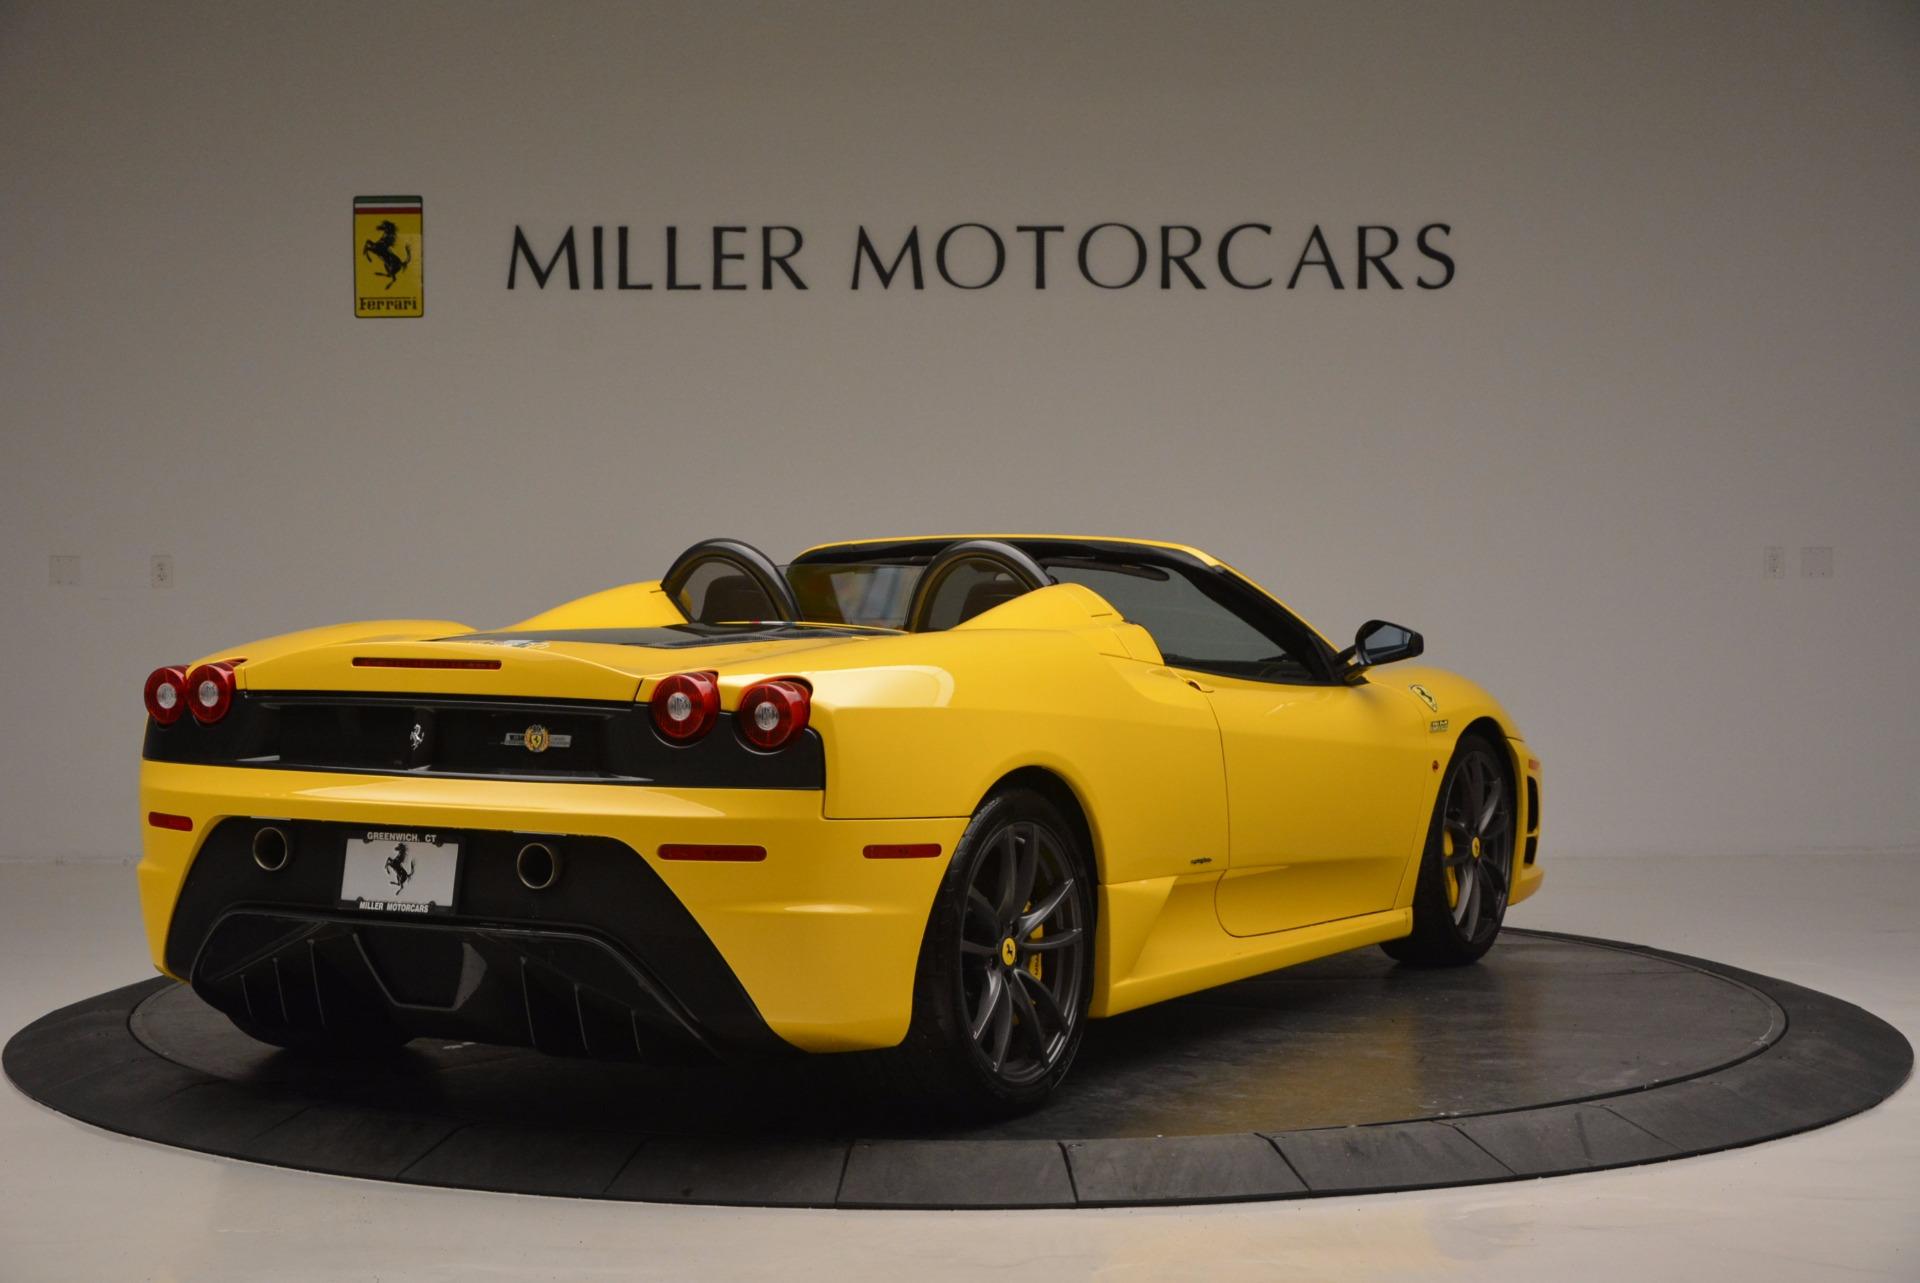 Used 2009 Ferrari F430 Scuderia 16M For Sale In Greenwich, CT 856_p7